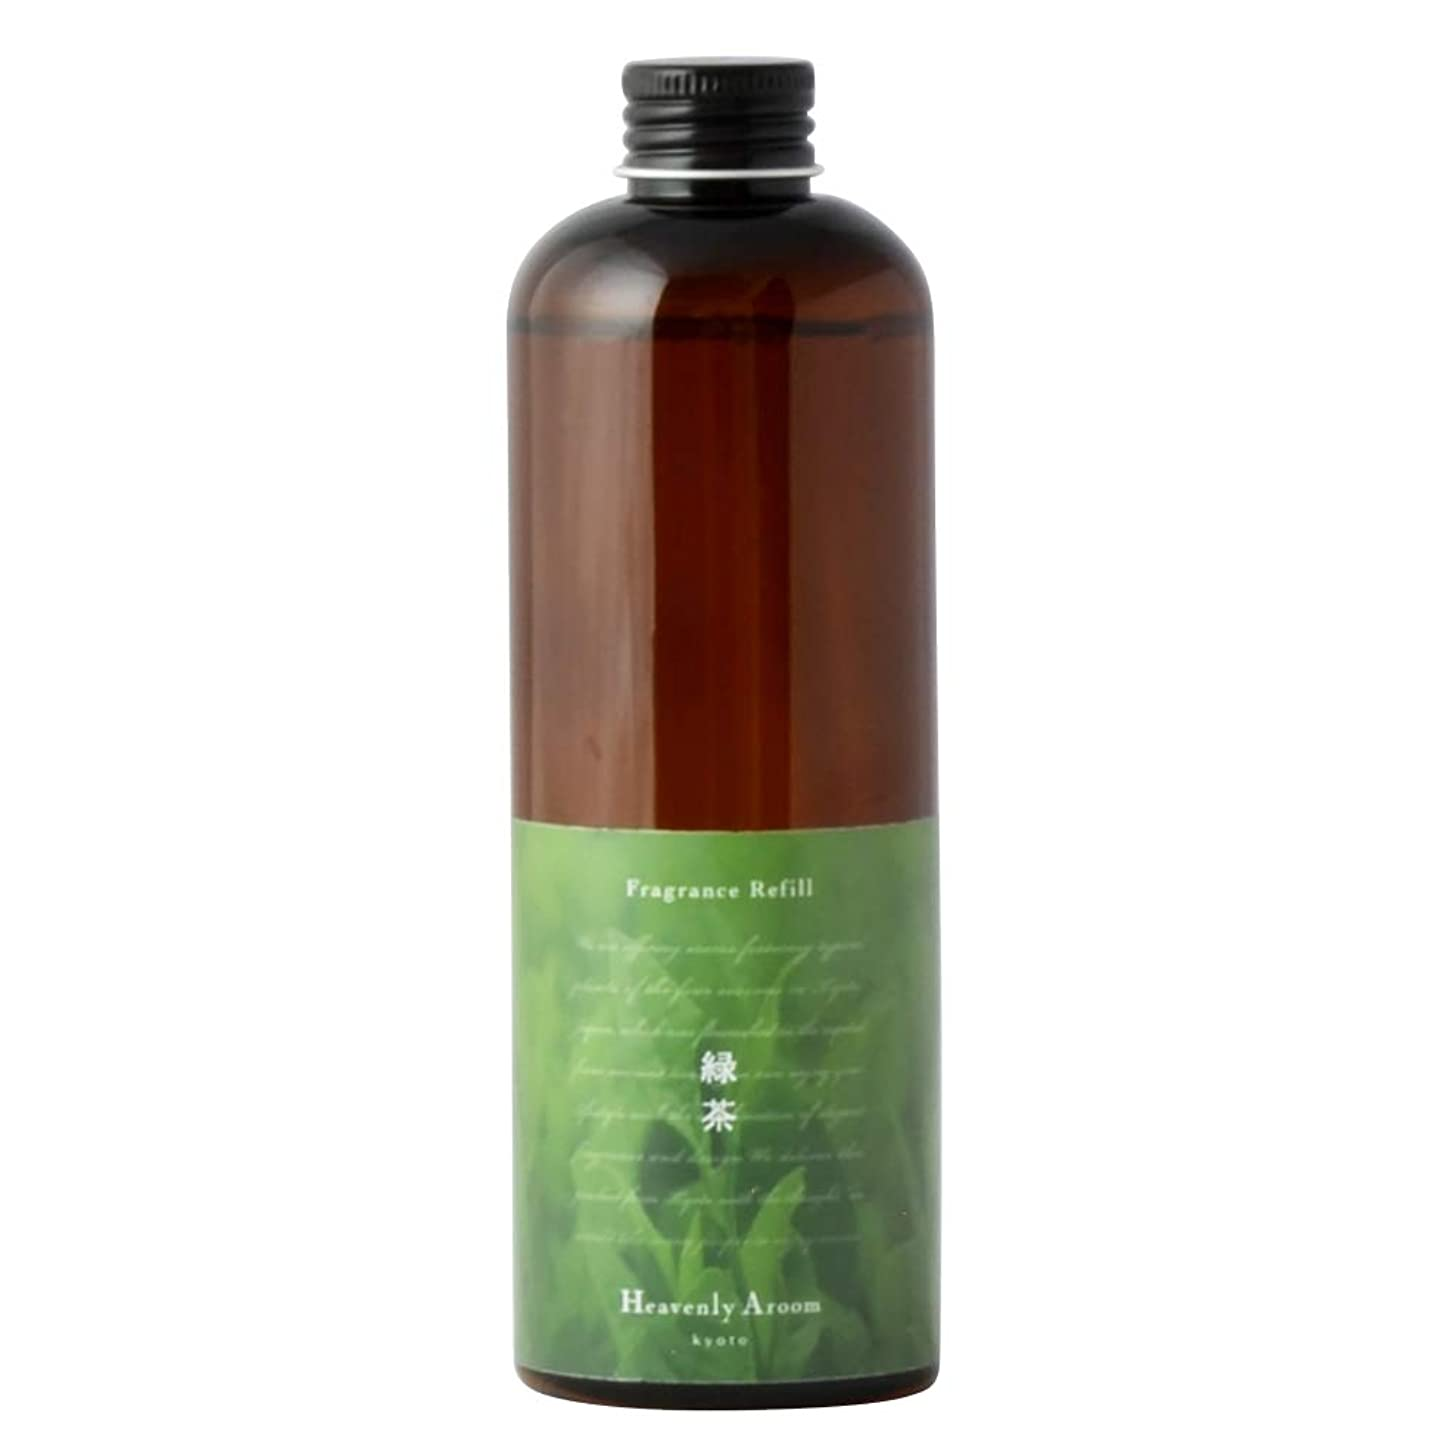 ナチュラルテントスペースHeavenly Aroomフレグランスリフィル 緑茶 300ml